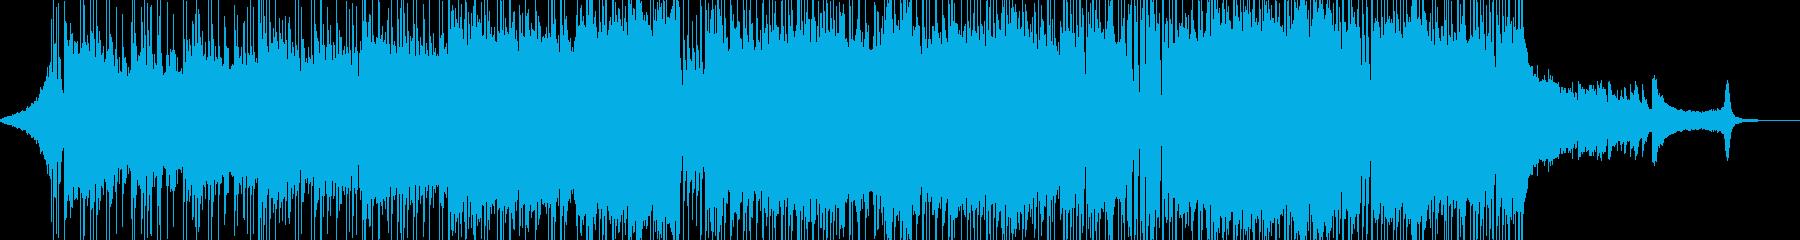 アオハル 前向きに走りだすポップス Eの再生済みの波形